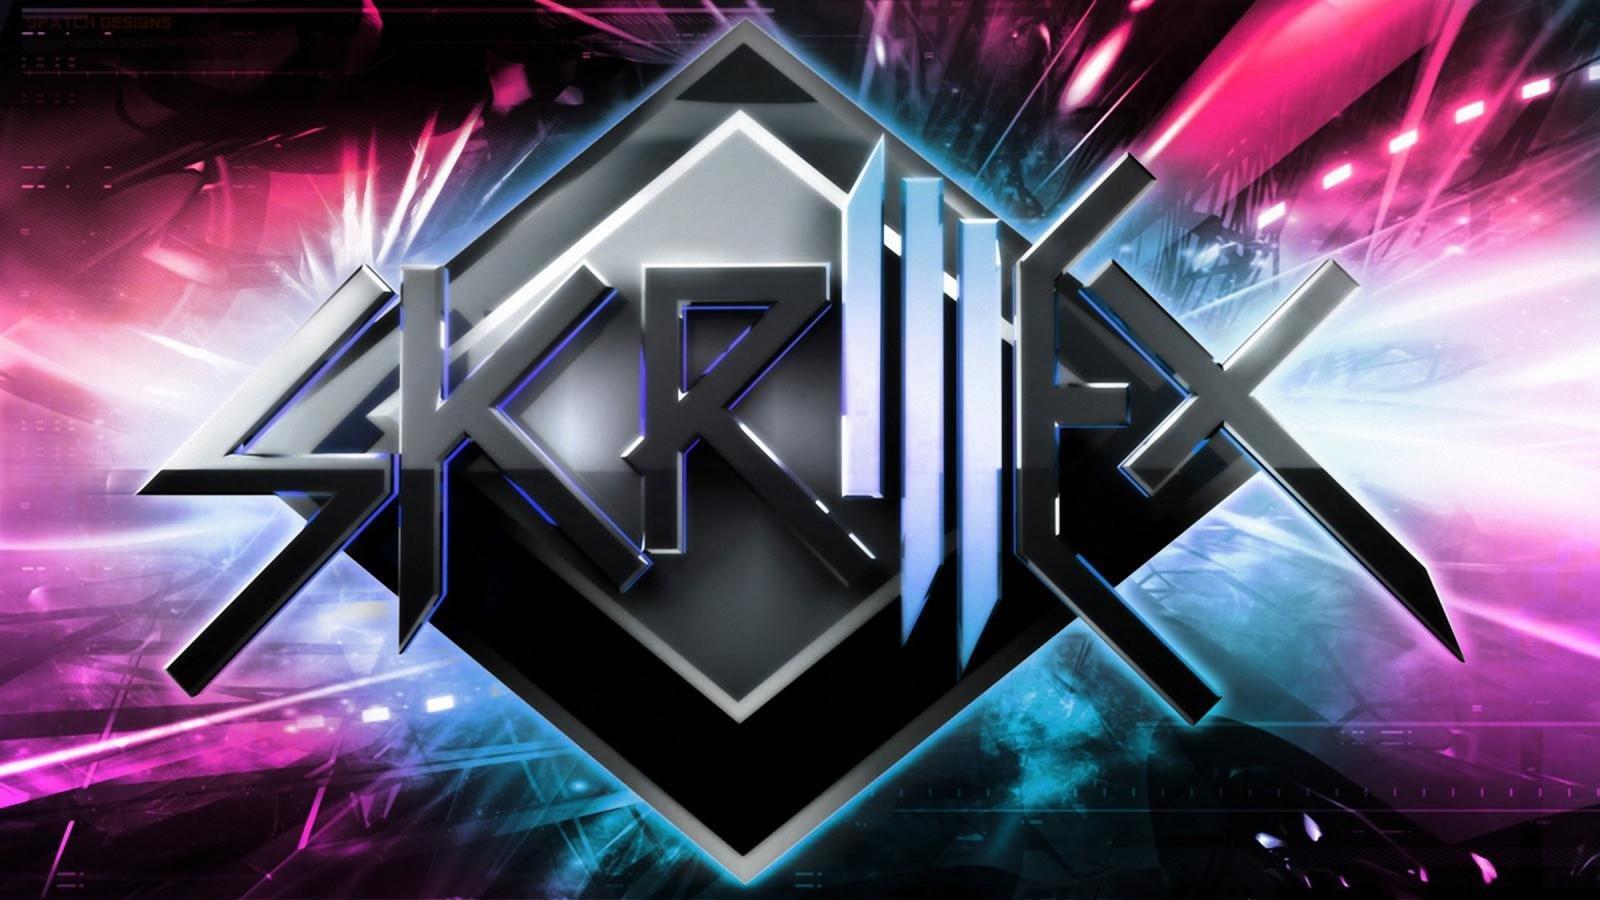 Skrillex Wallpapers Top Free Skrillex Backgrounds Wallpaperaccess